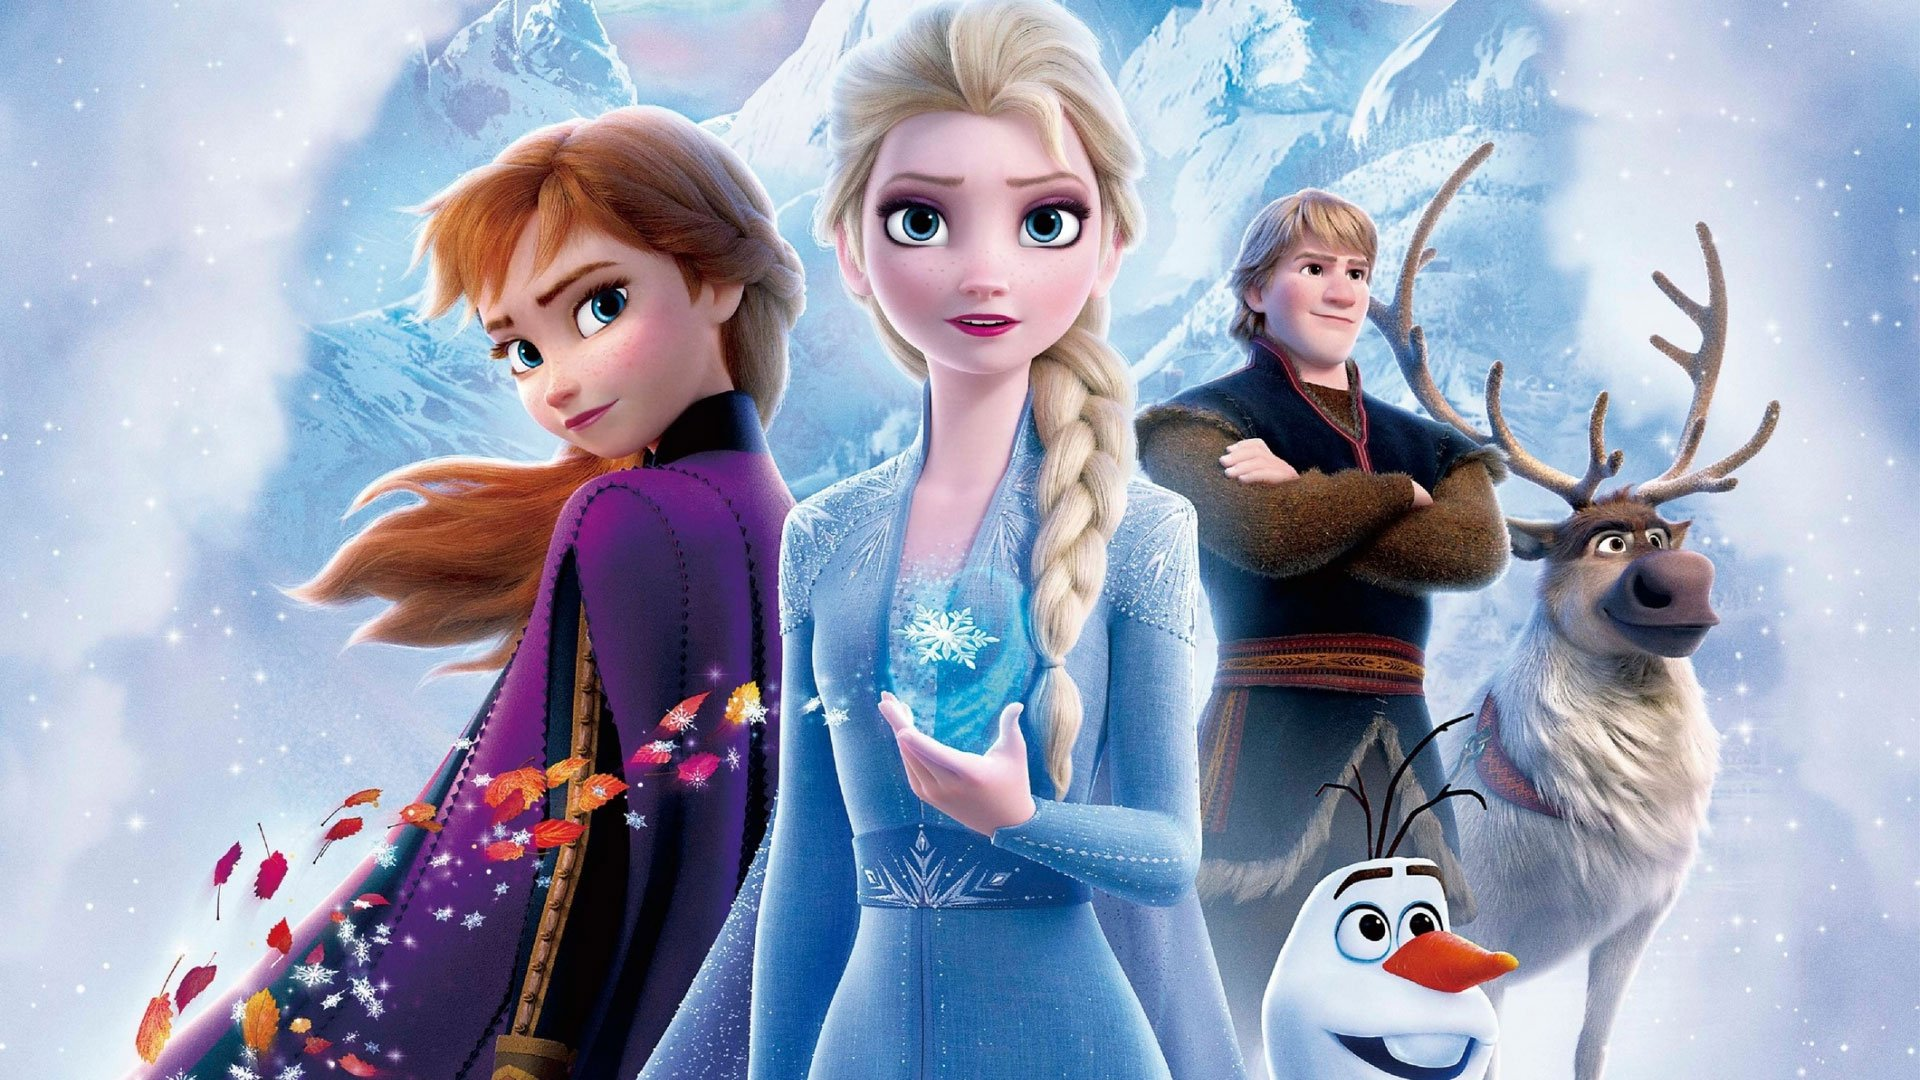 Крижане серце 2 / Frozen 2 (2019)